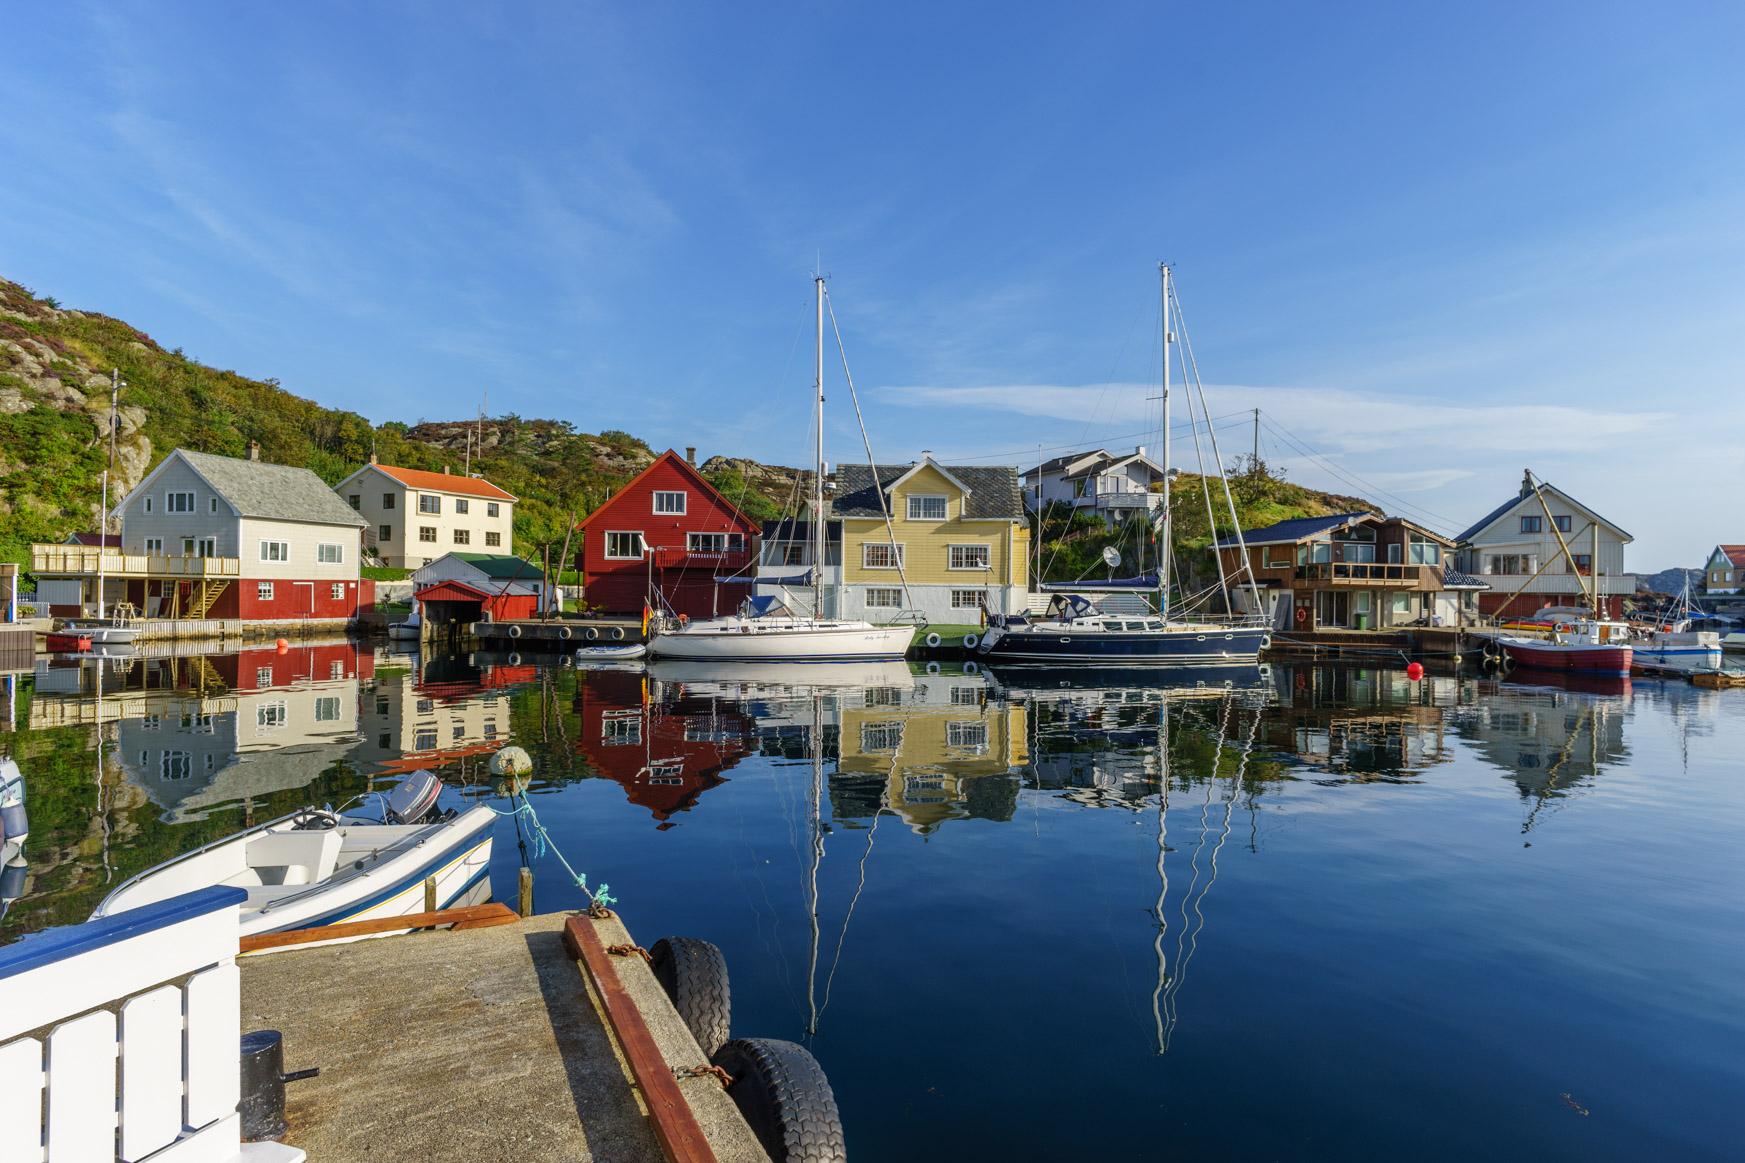 Liegeplatz in Espevær